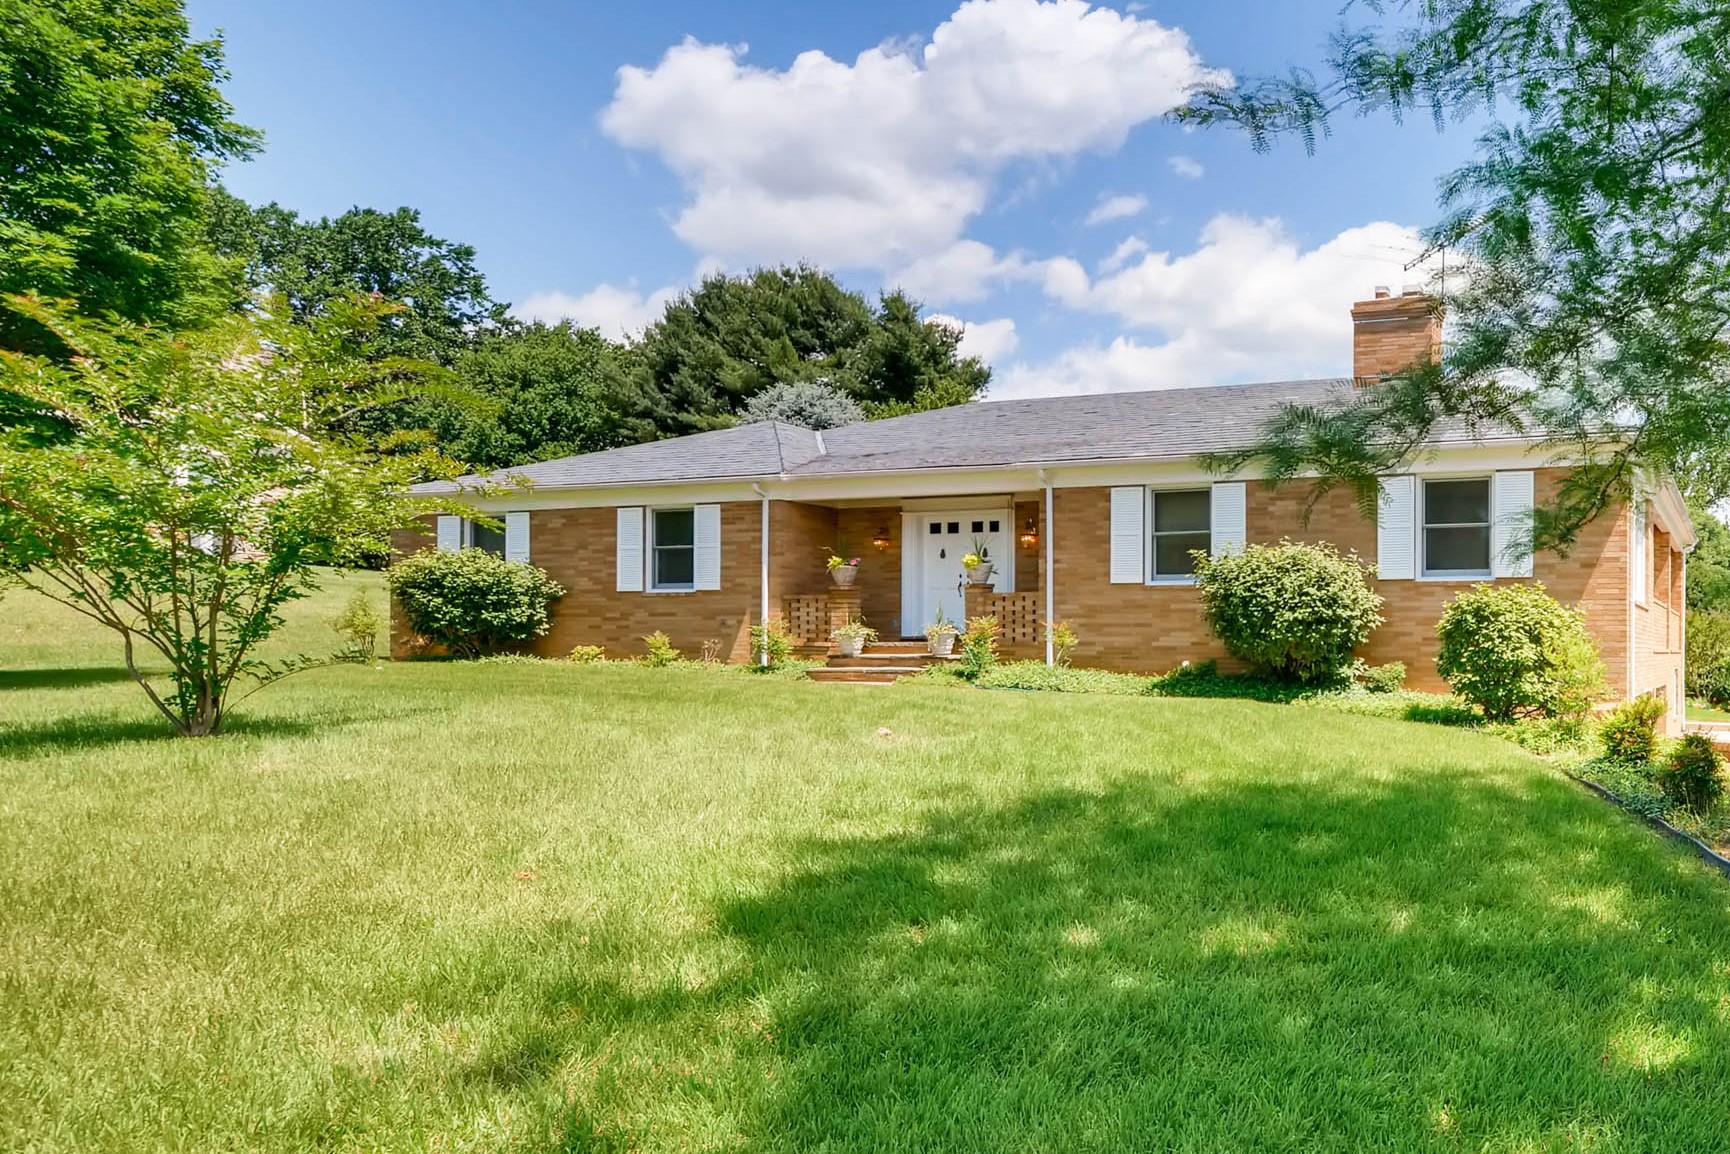 独户住宅 为 销售 在 306 Lohview Terrace 306 Lochview Terrace Lutherville Timonium, 马里兰州 21093 美国